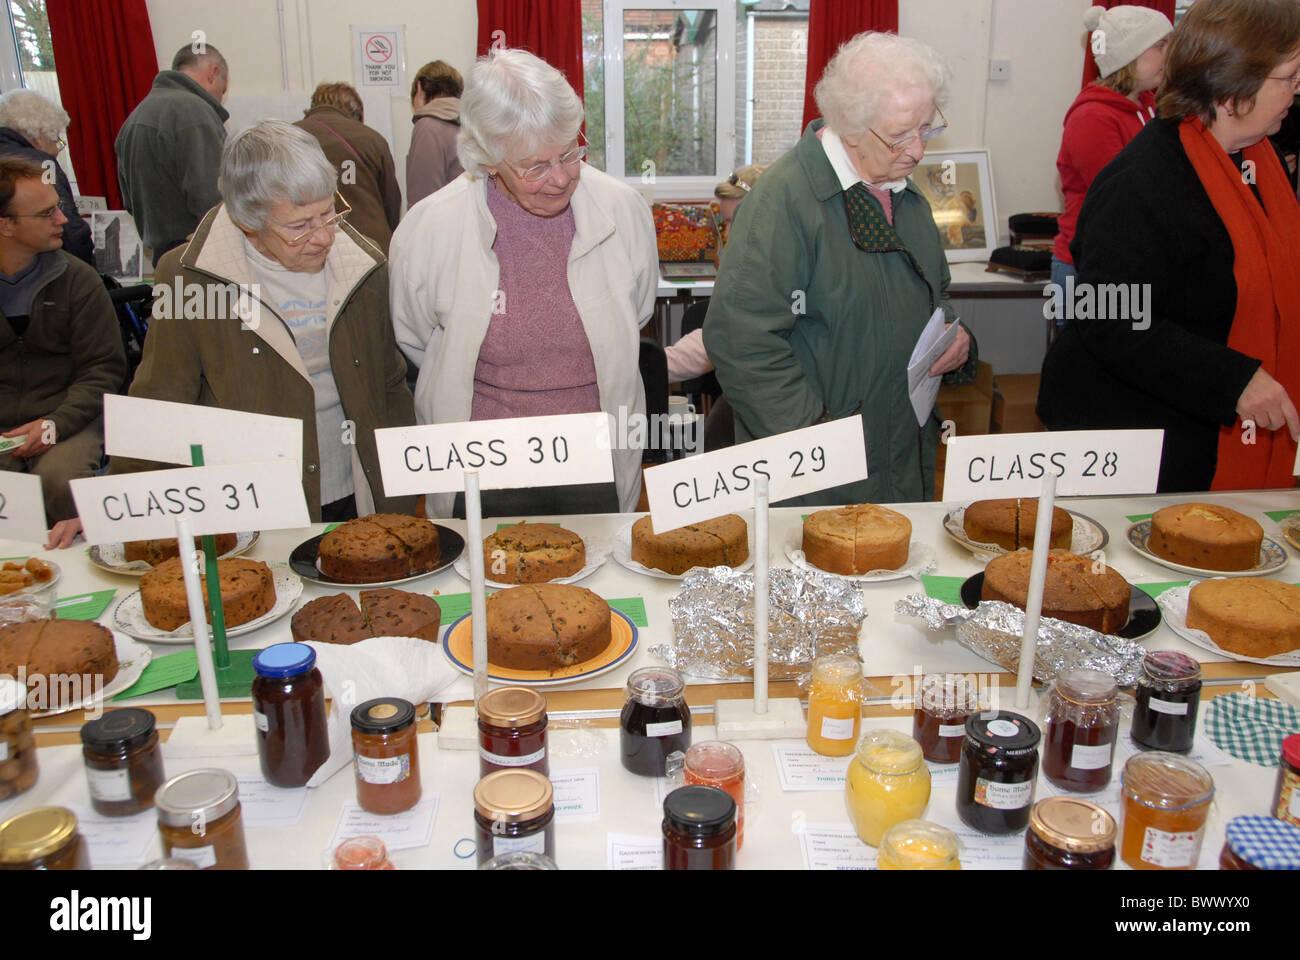 Urlauber, die Kuchen Marmelade Einträge Dorf zeigen Stockfoto, Bild ...